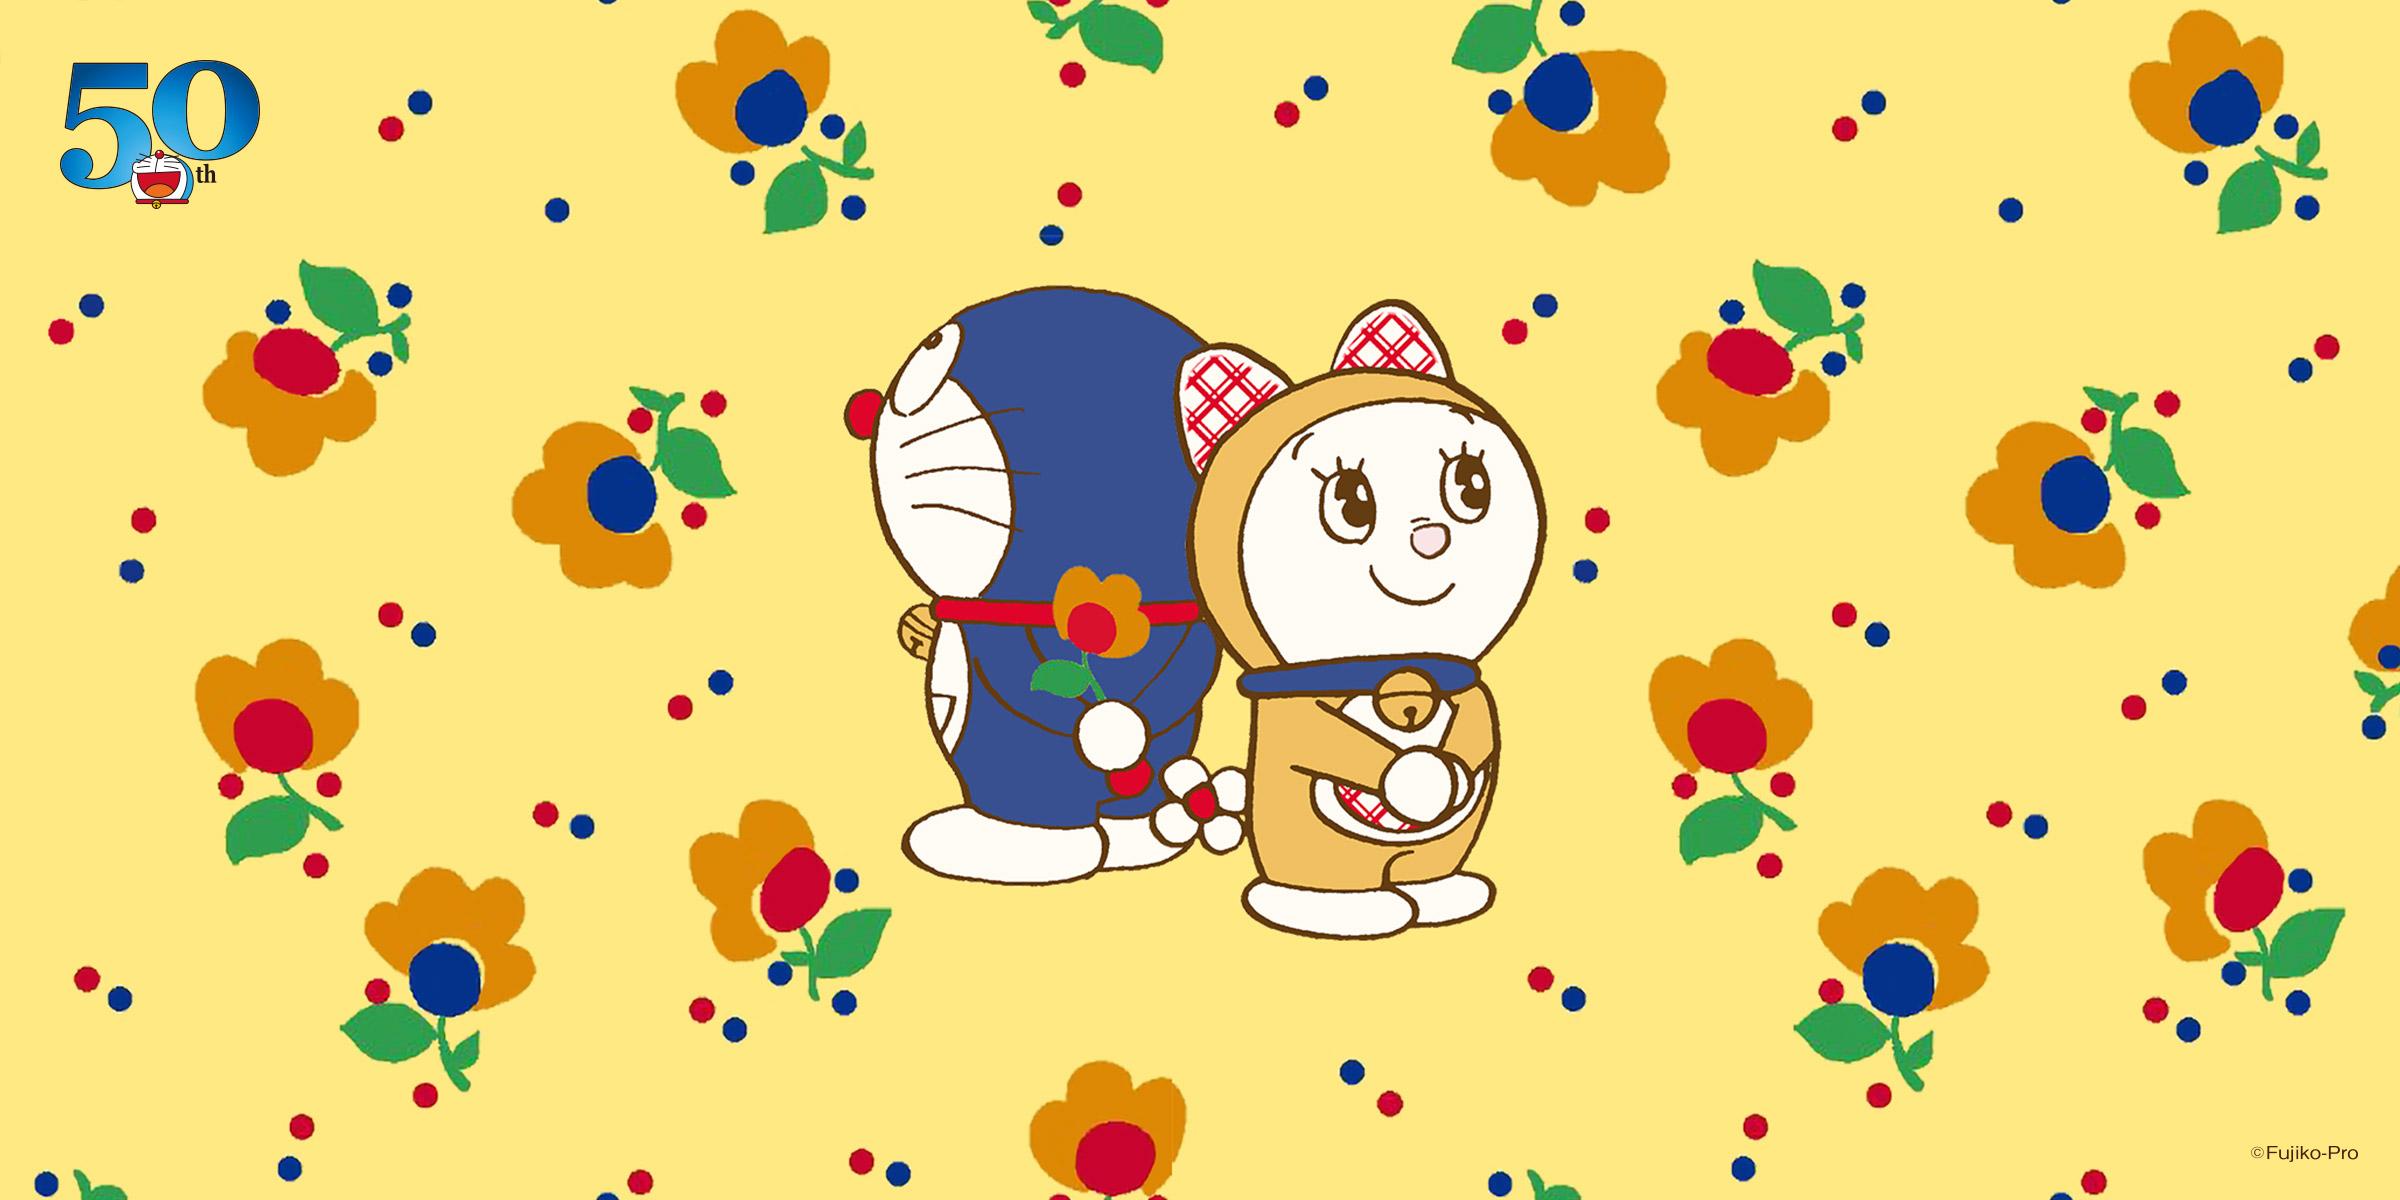 Paul & Joe Doraemon and Dorami Makeup Collection